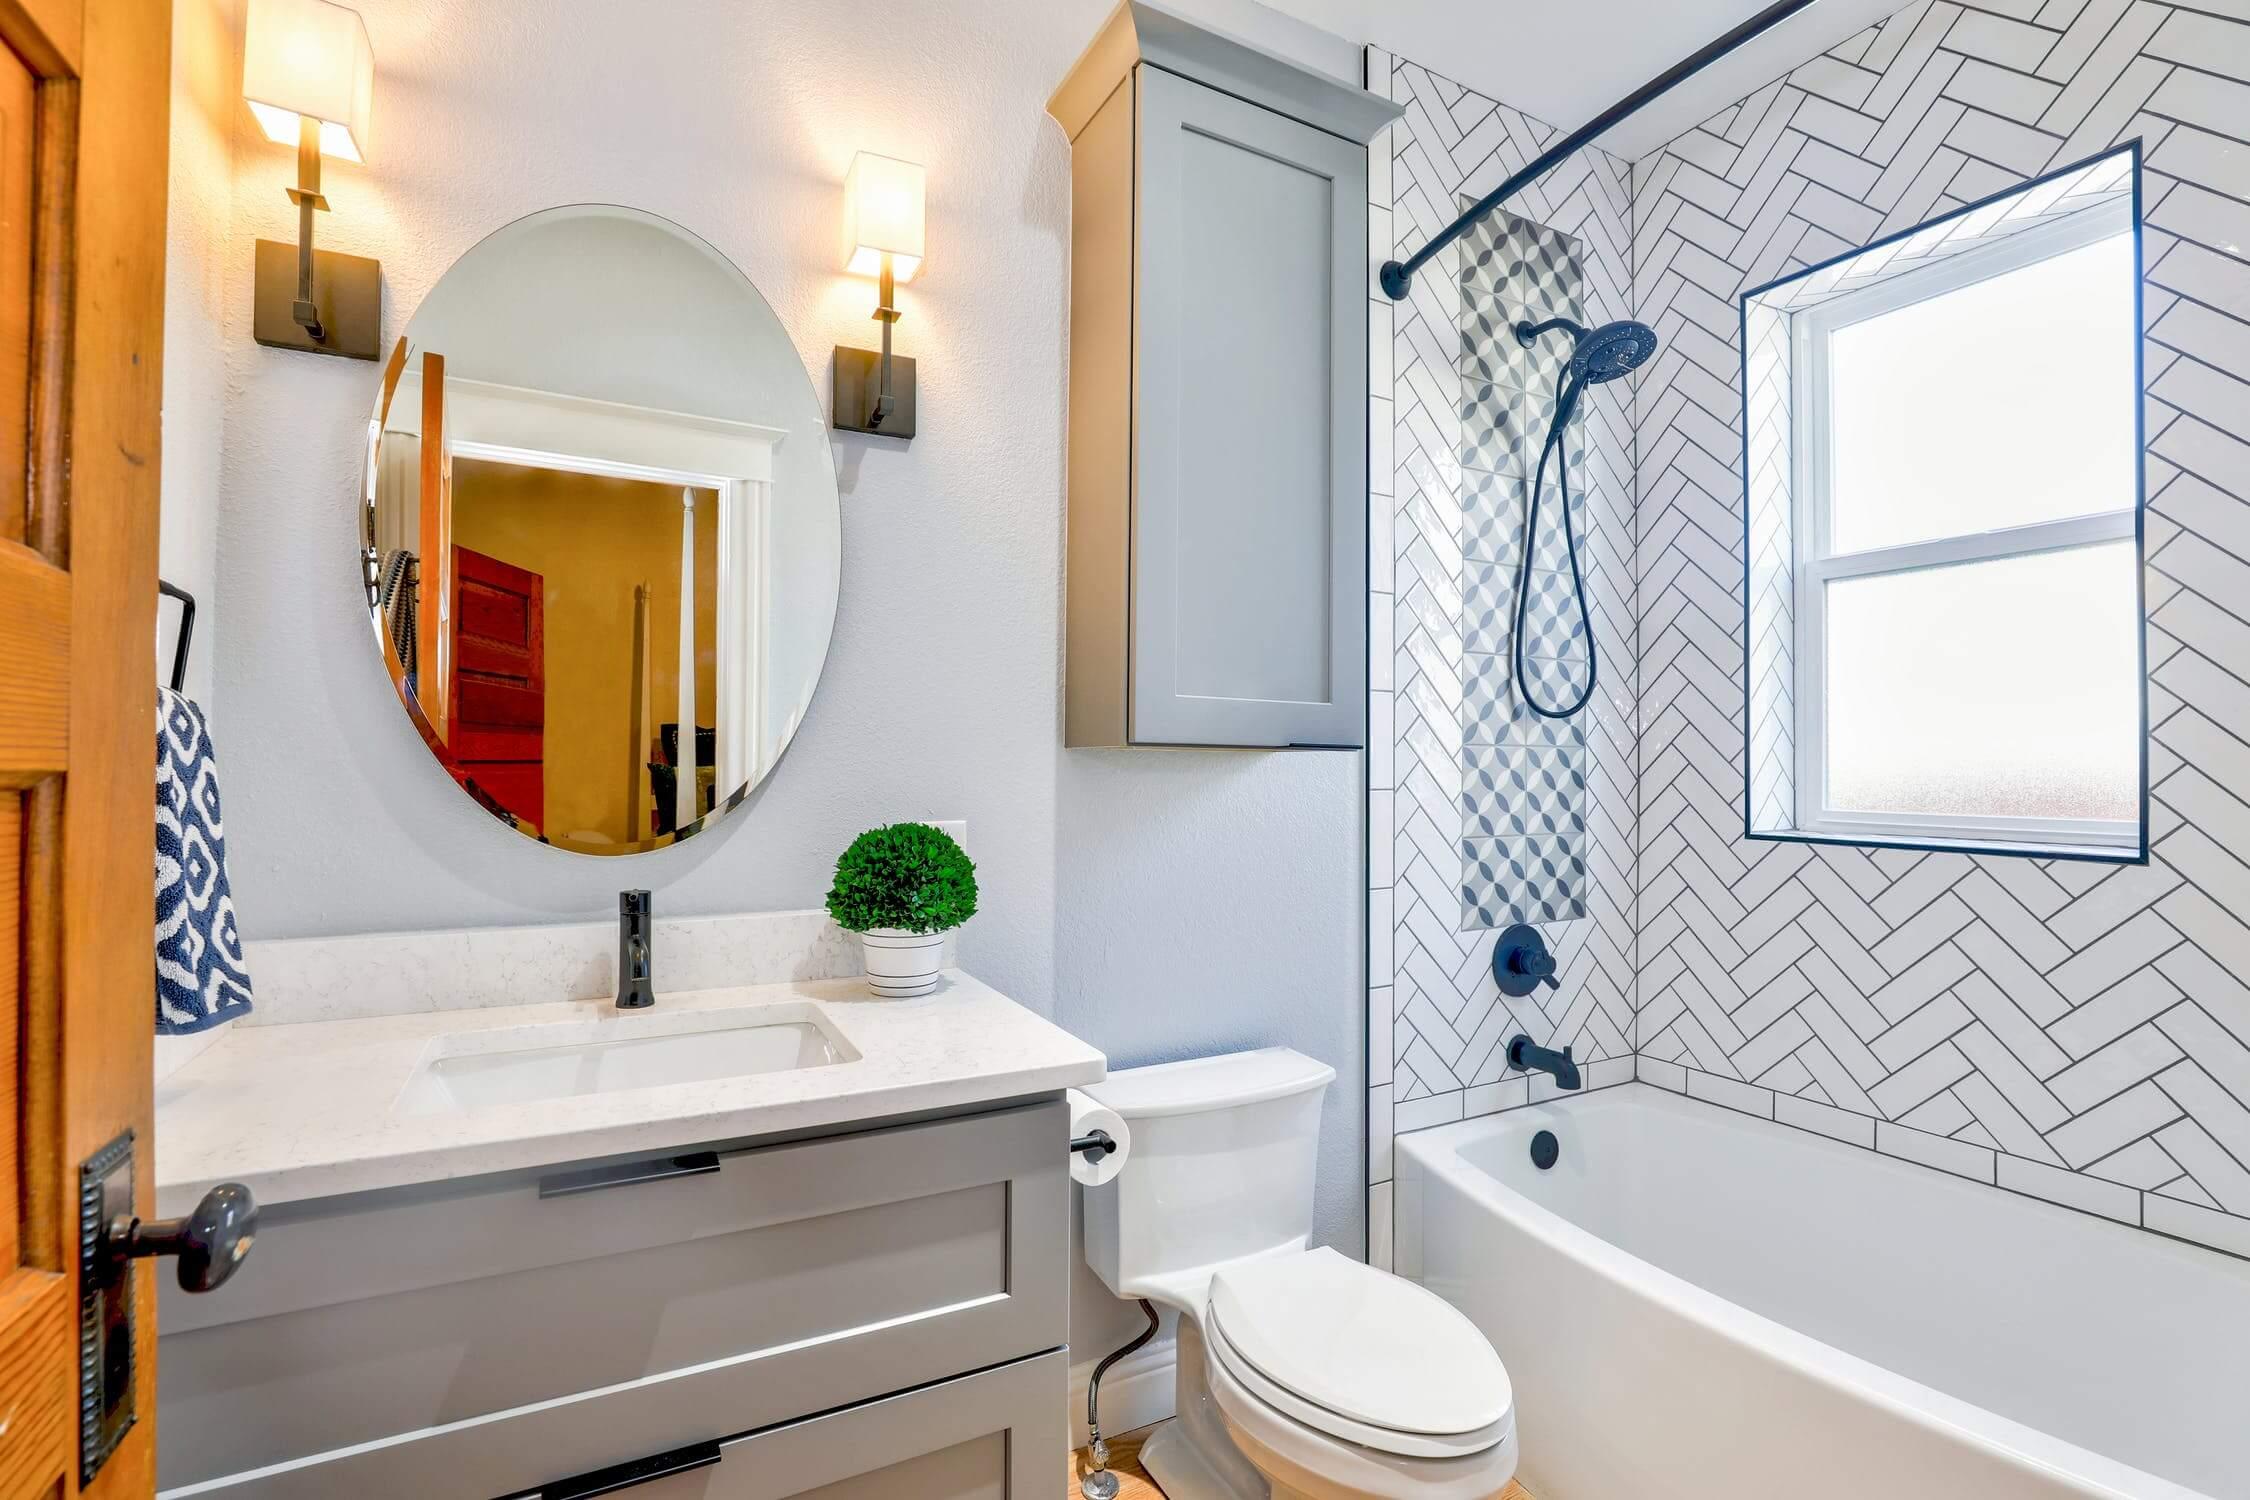 Aranżacja małej łazienki – wanna czy prysznic?